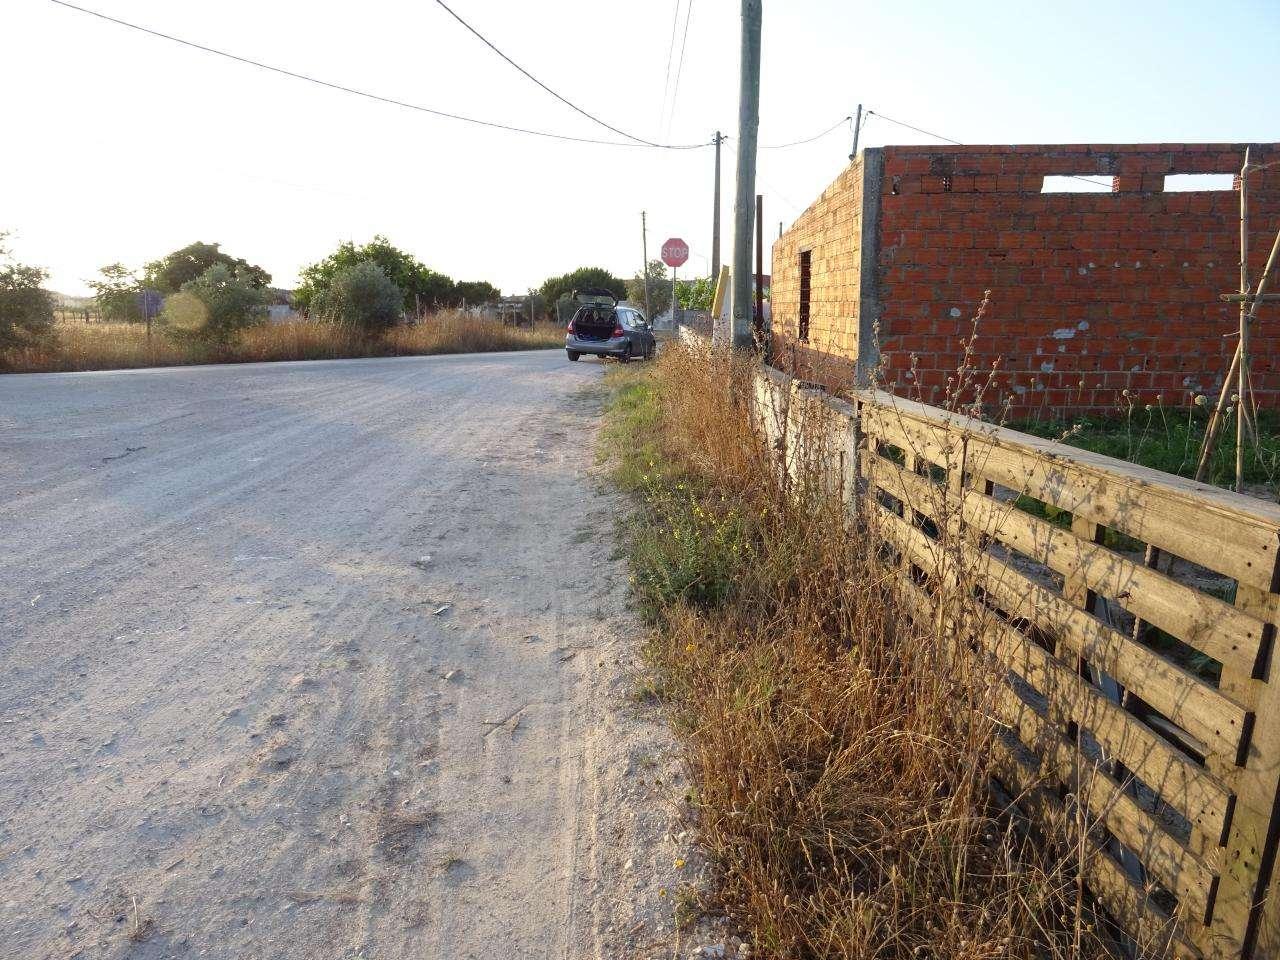 Terreno para comprar, Pinhal Novo, Setúbal - Foto 3